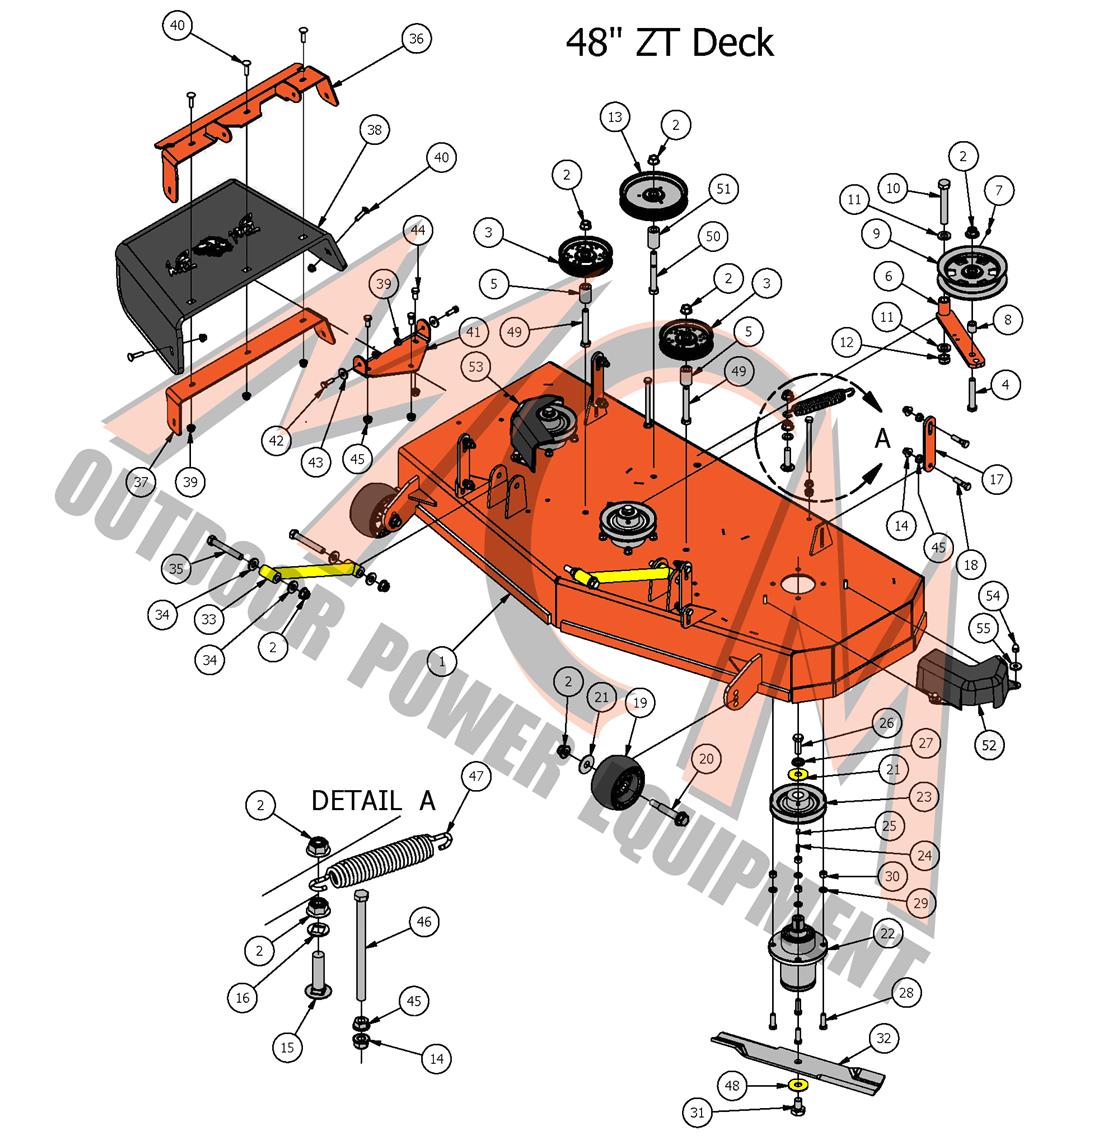 2017 Zt Elite 48 Quot Deck Assembly